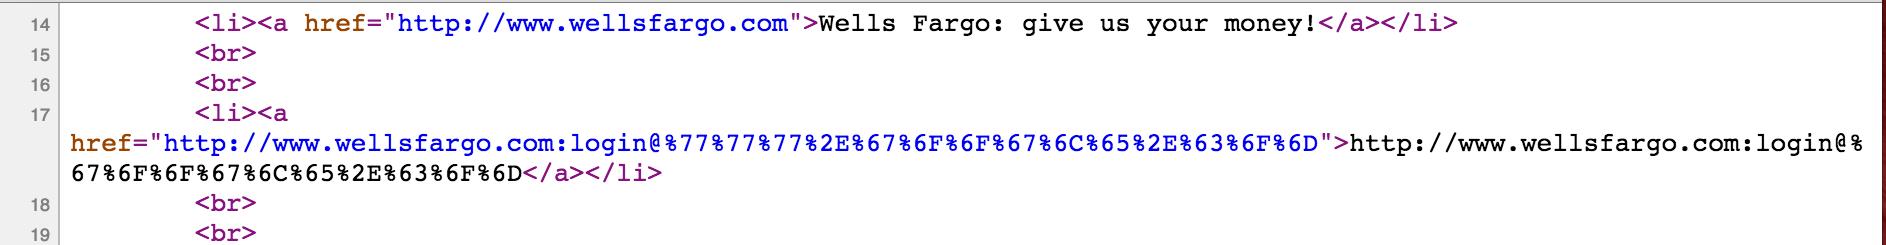 Phishing - URL Analysis · nebraska-gencyber-modules